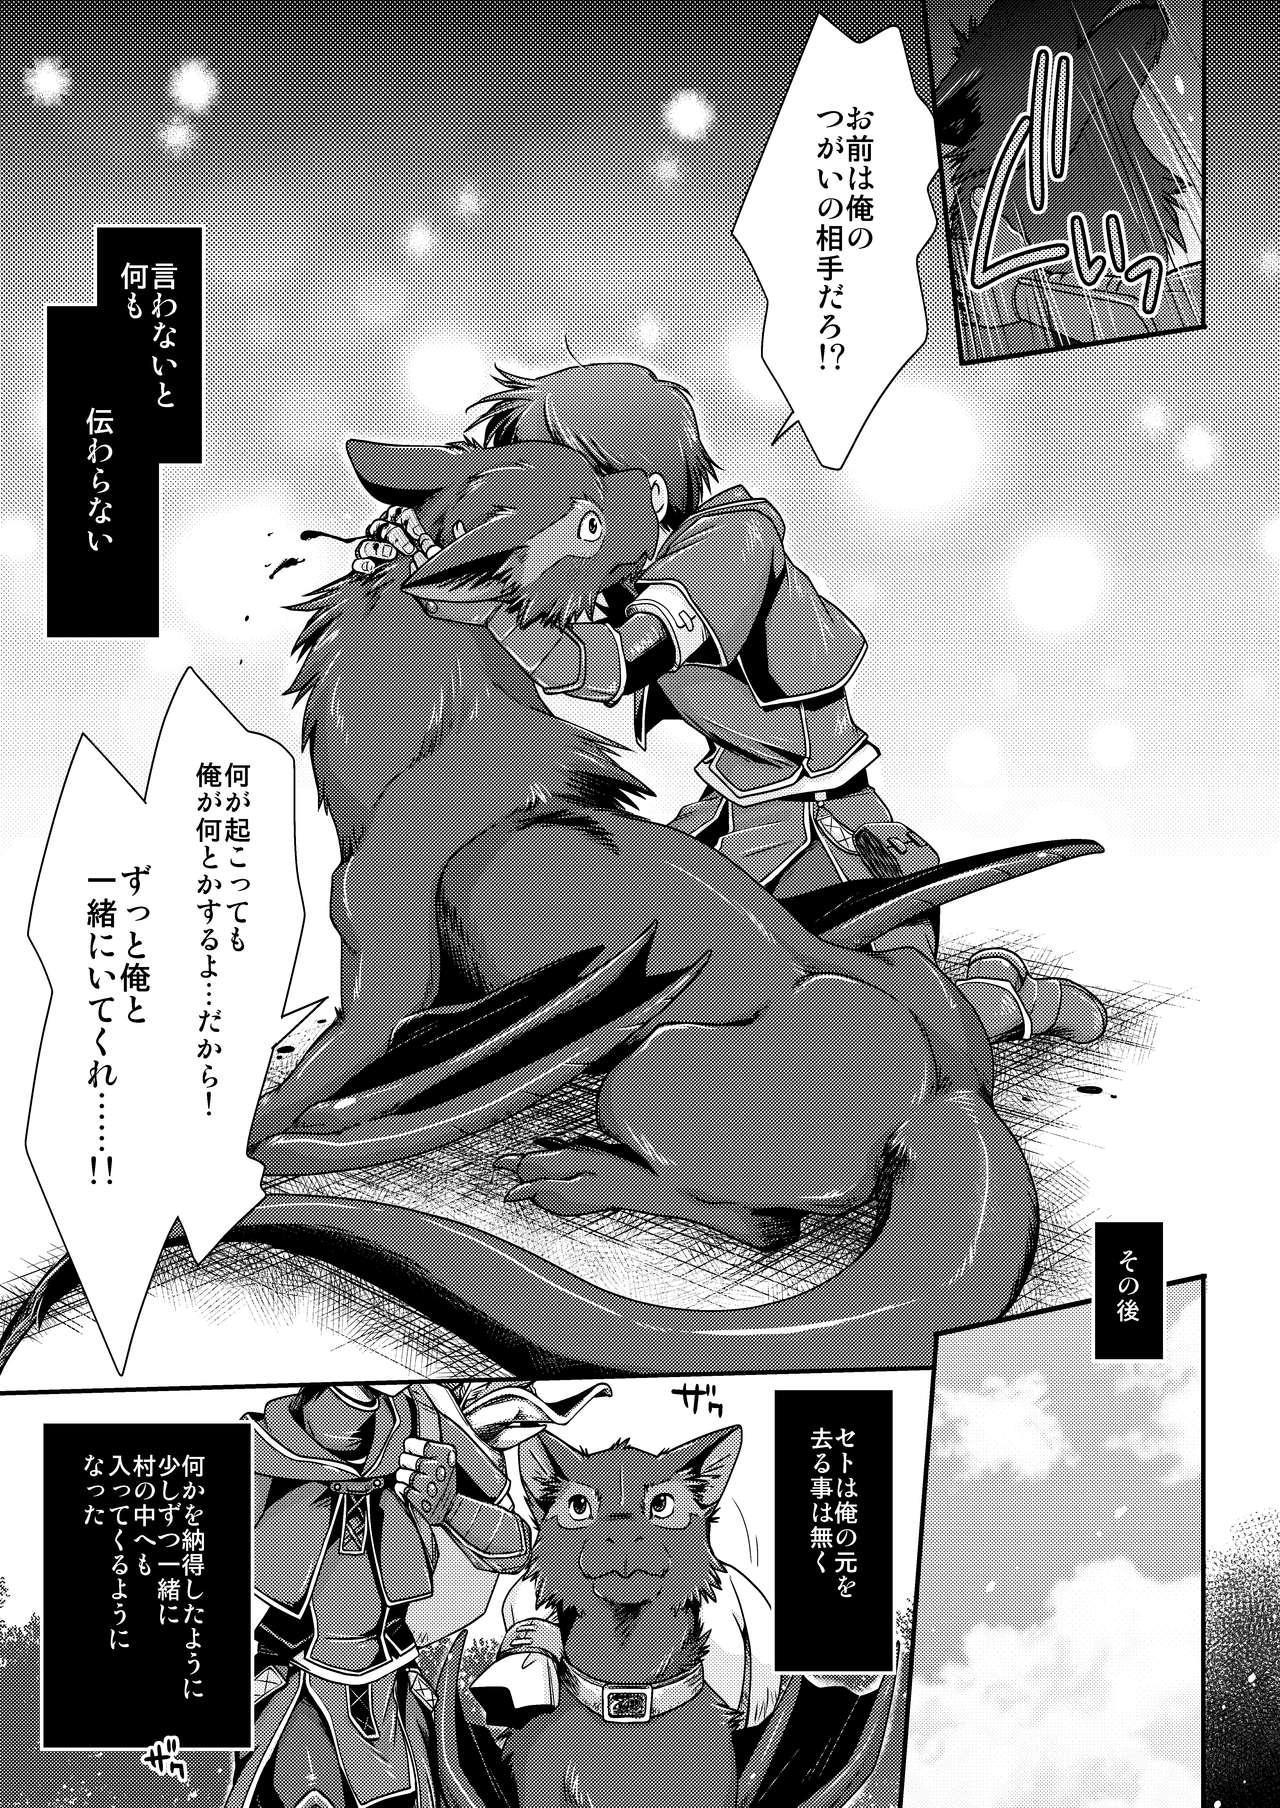 Kirin to Narga to Hunter to 18